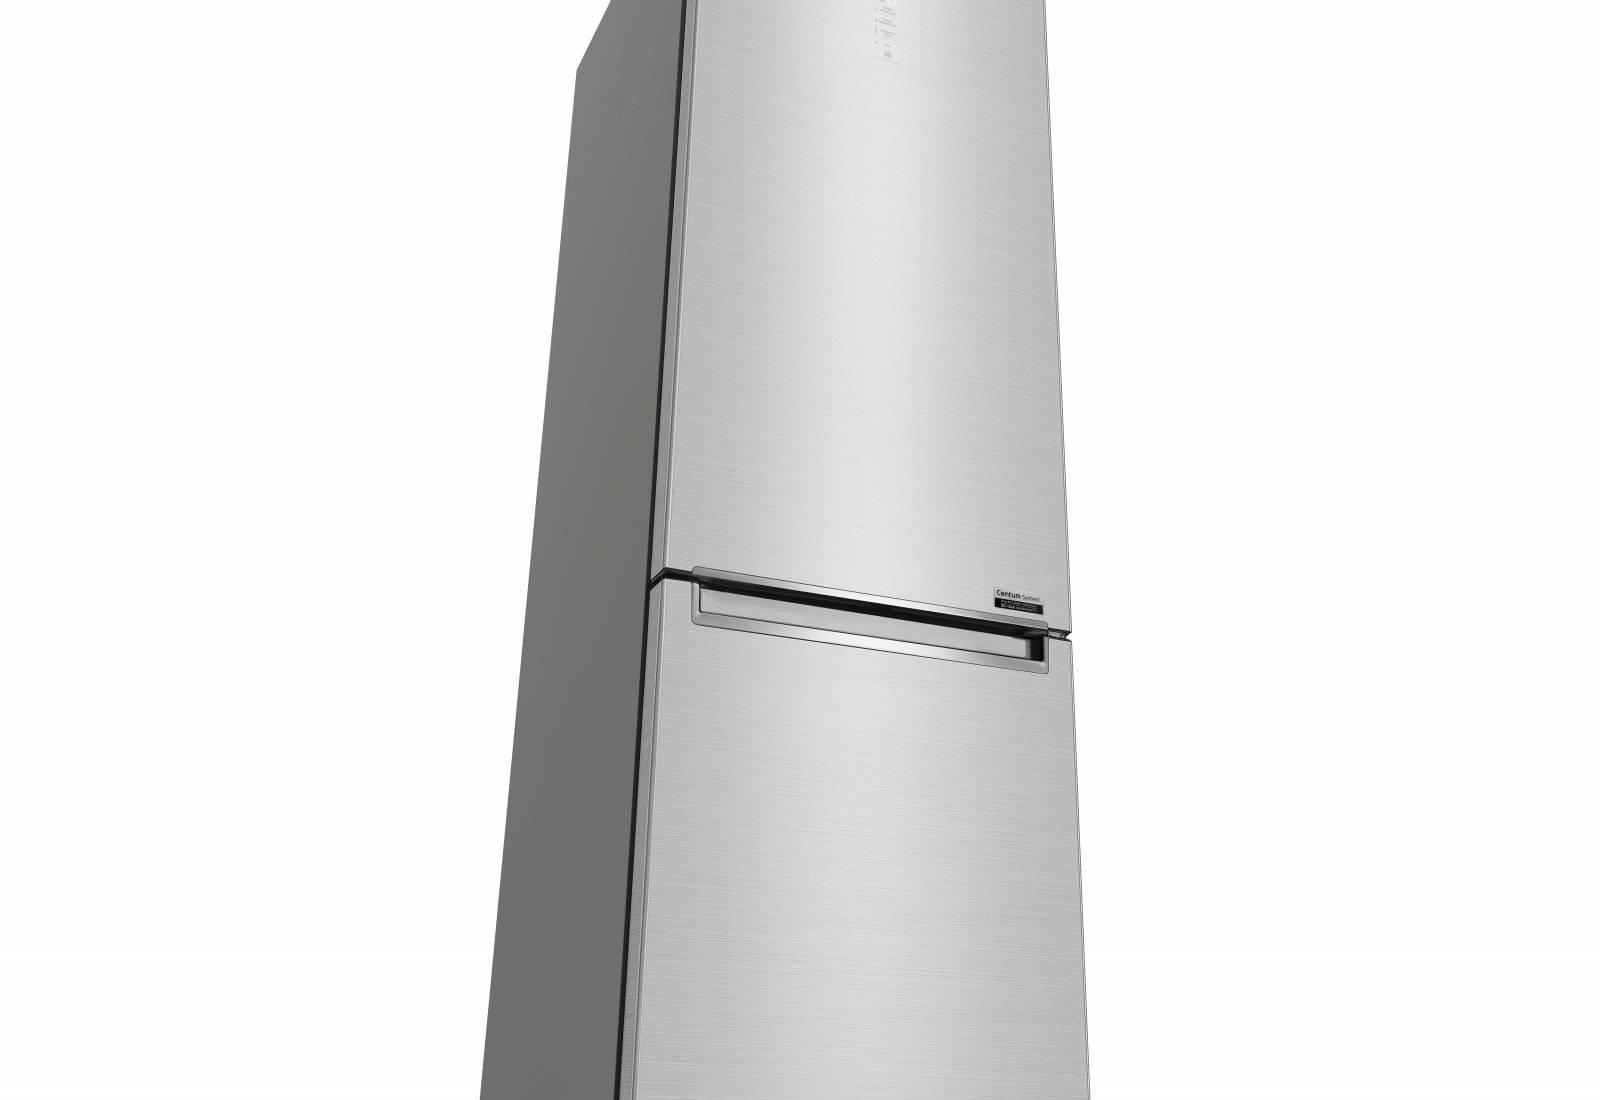 Immagine LG: frigoriferi e lavatrici che puntano a ridurre gli sprechi e a risparmiare di più 1